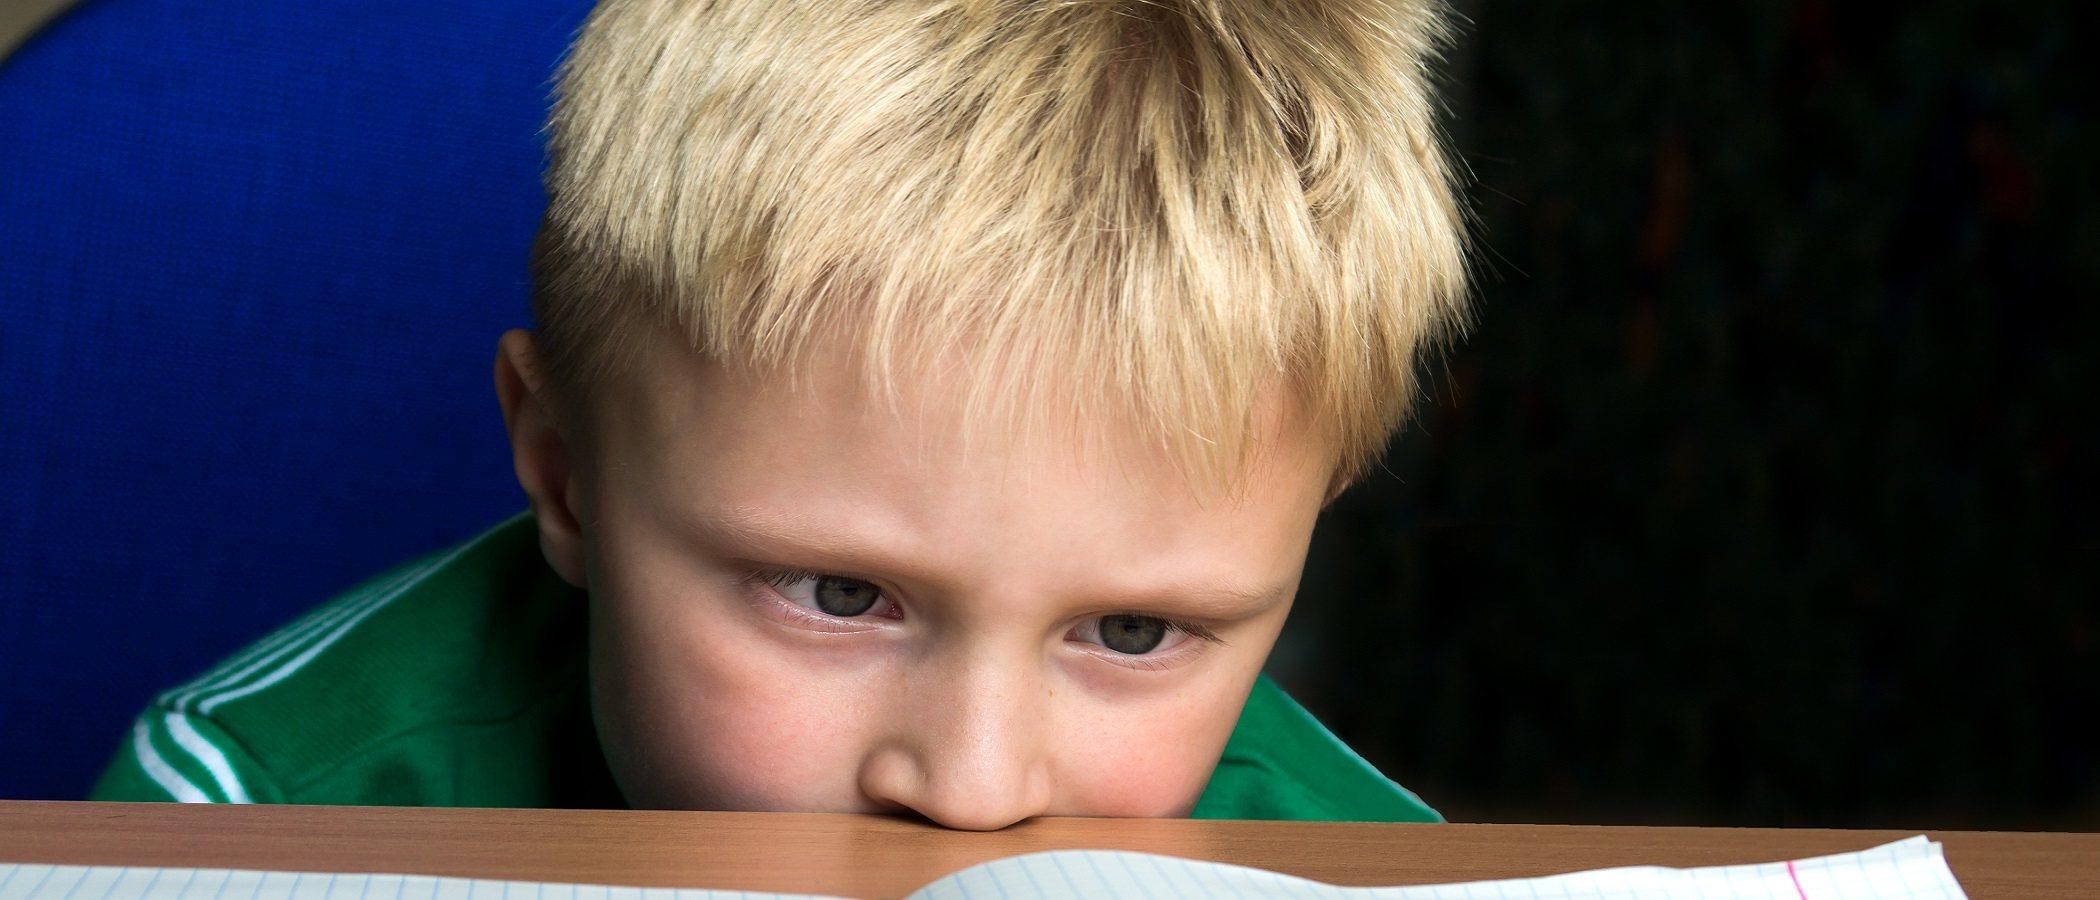 Trastornos de conducta comunes en niños